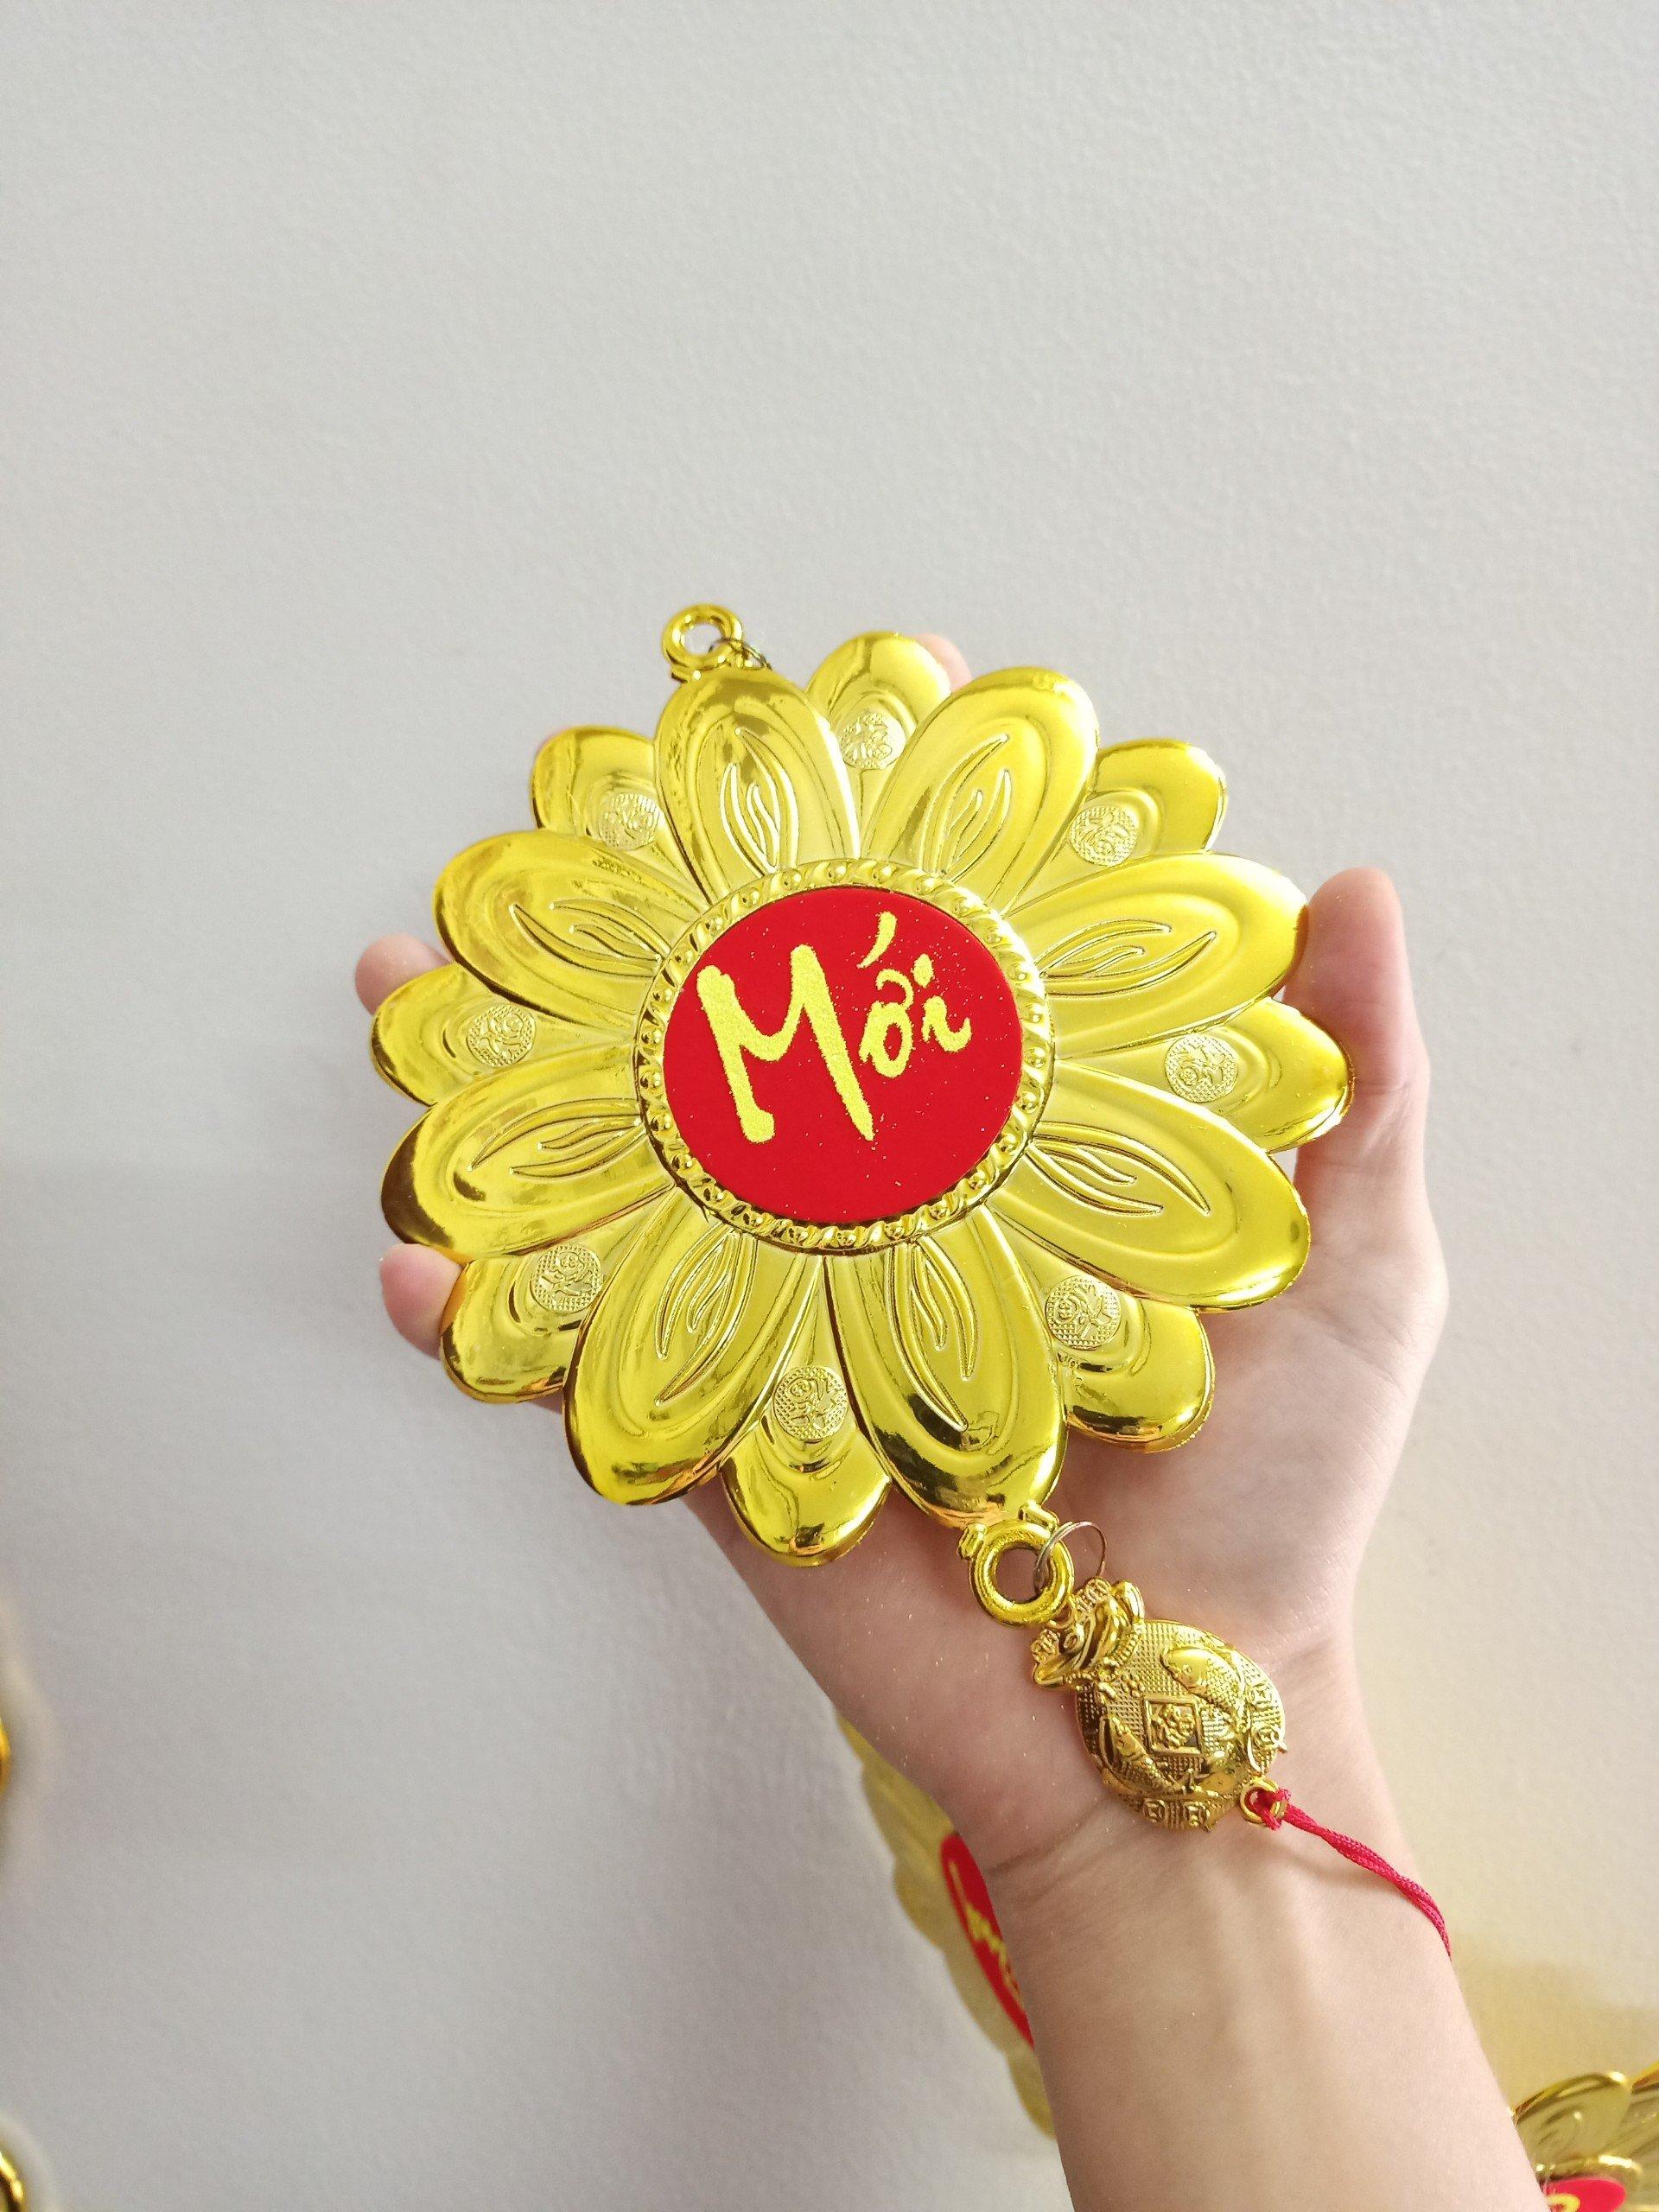 Lộc Treo Trang Trí Tết Hoa mai vàng Chúc Mừng Năm Mới-Vạn Sự Như Ý